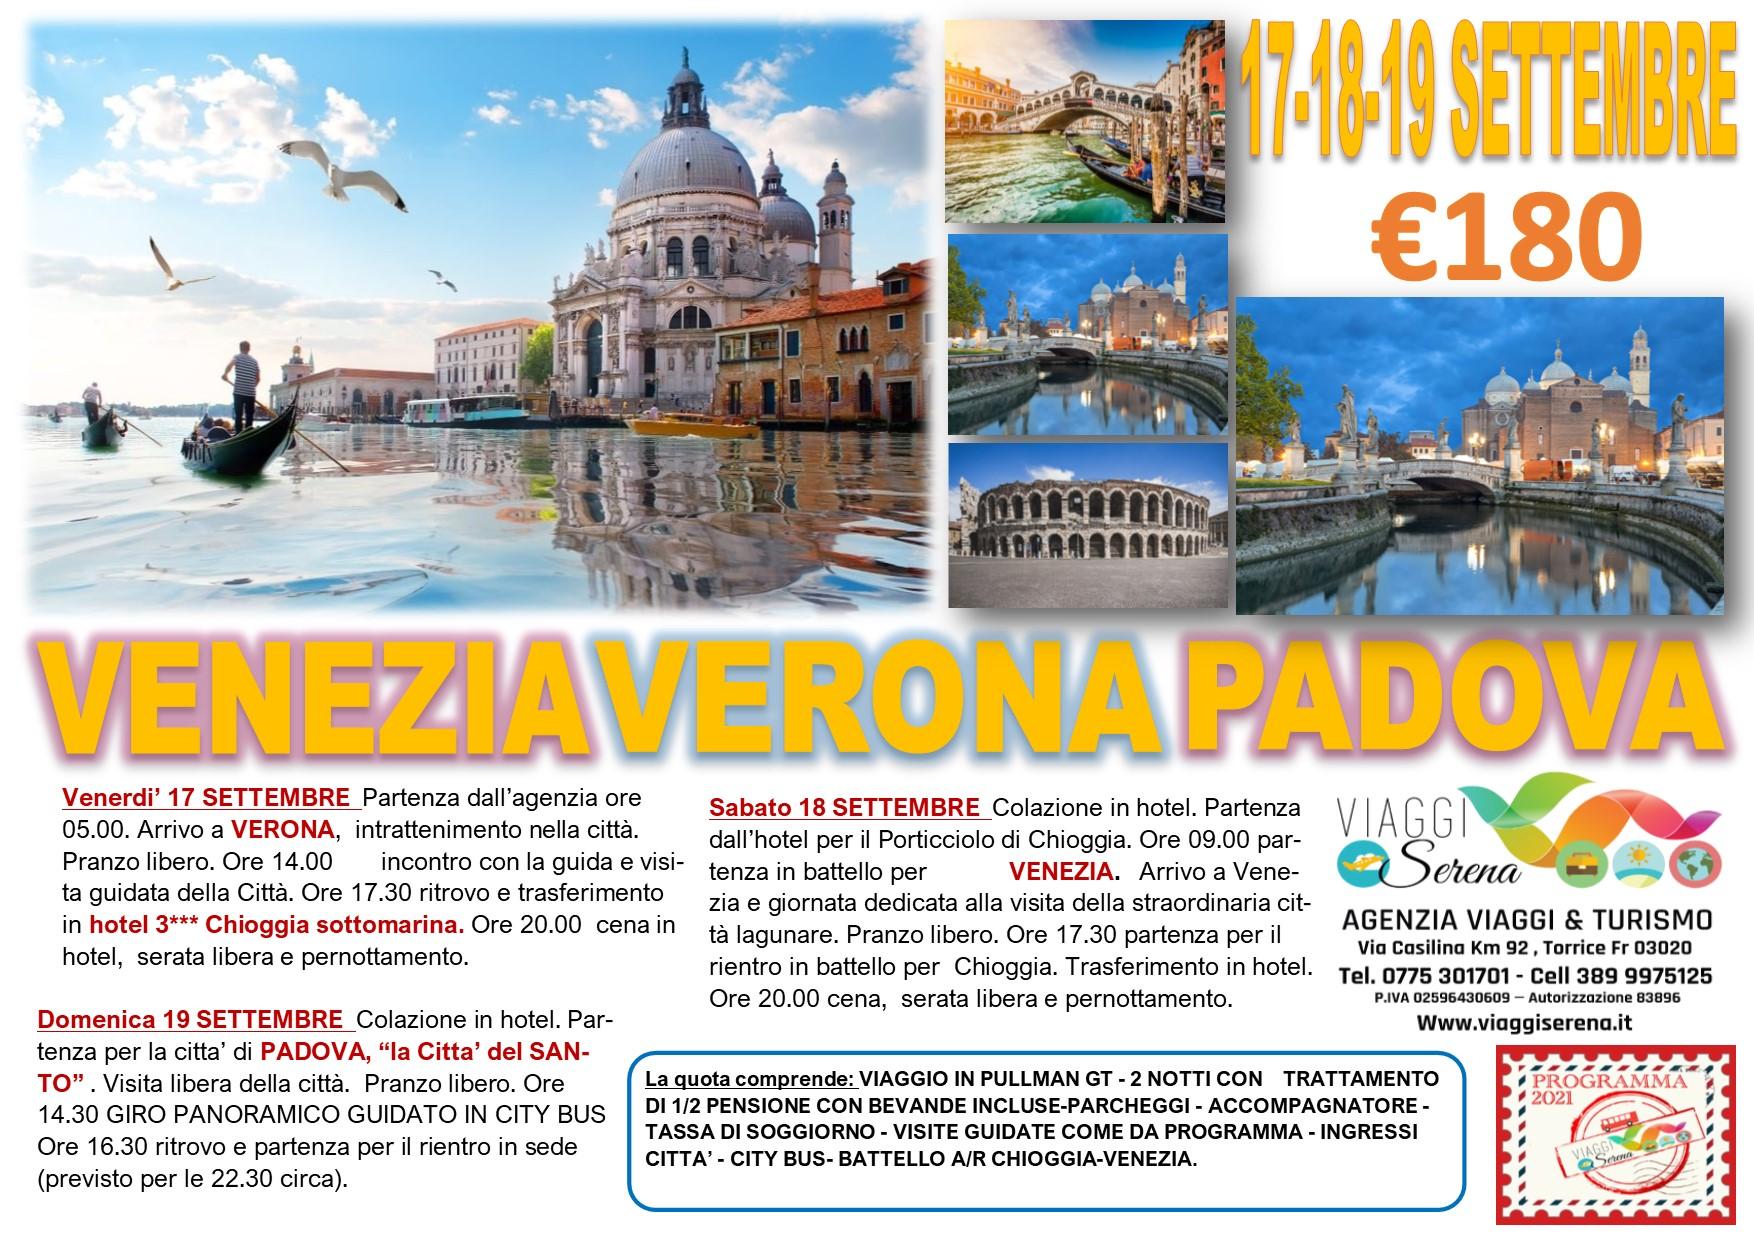 Viaggi di Gruppo: VENEZIA, Verona & Padova 17-18-19 Settembre €180,00